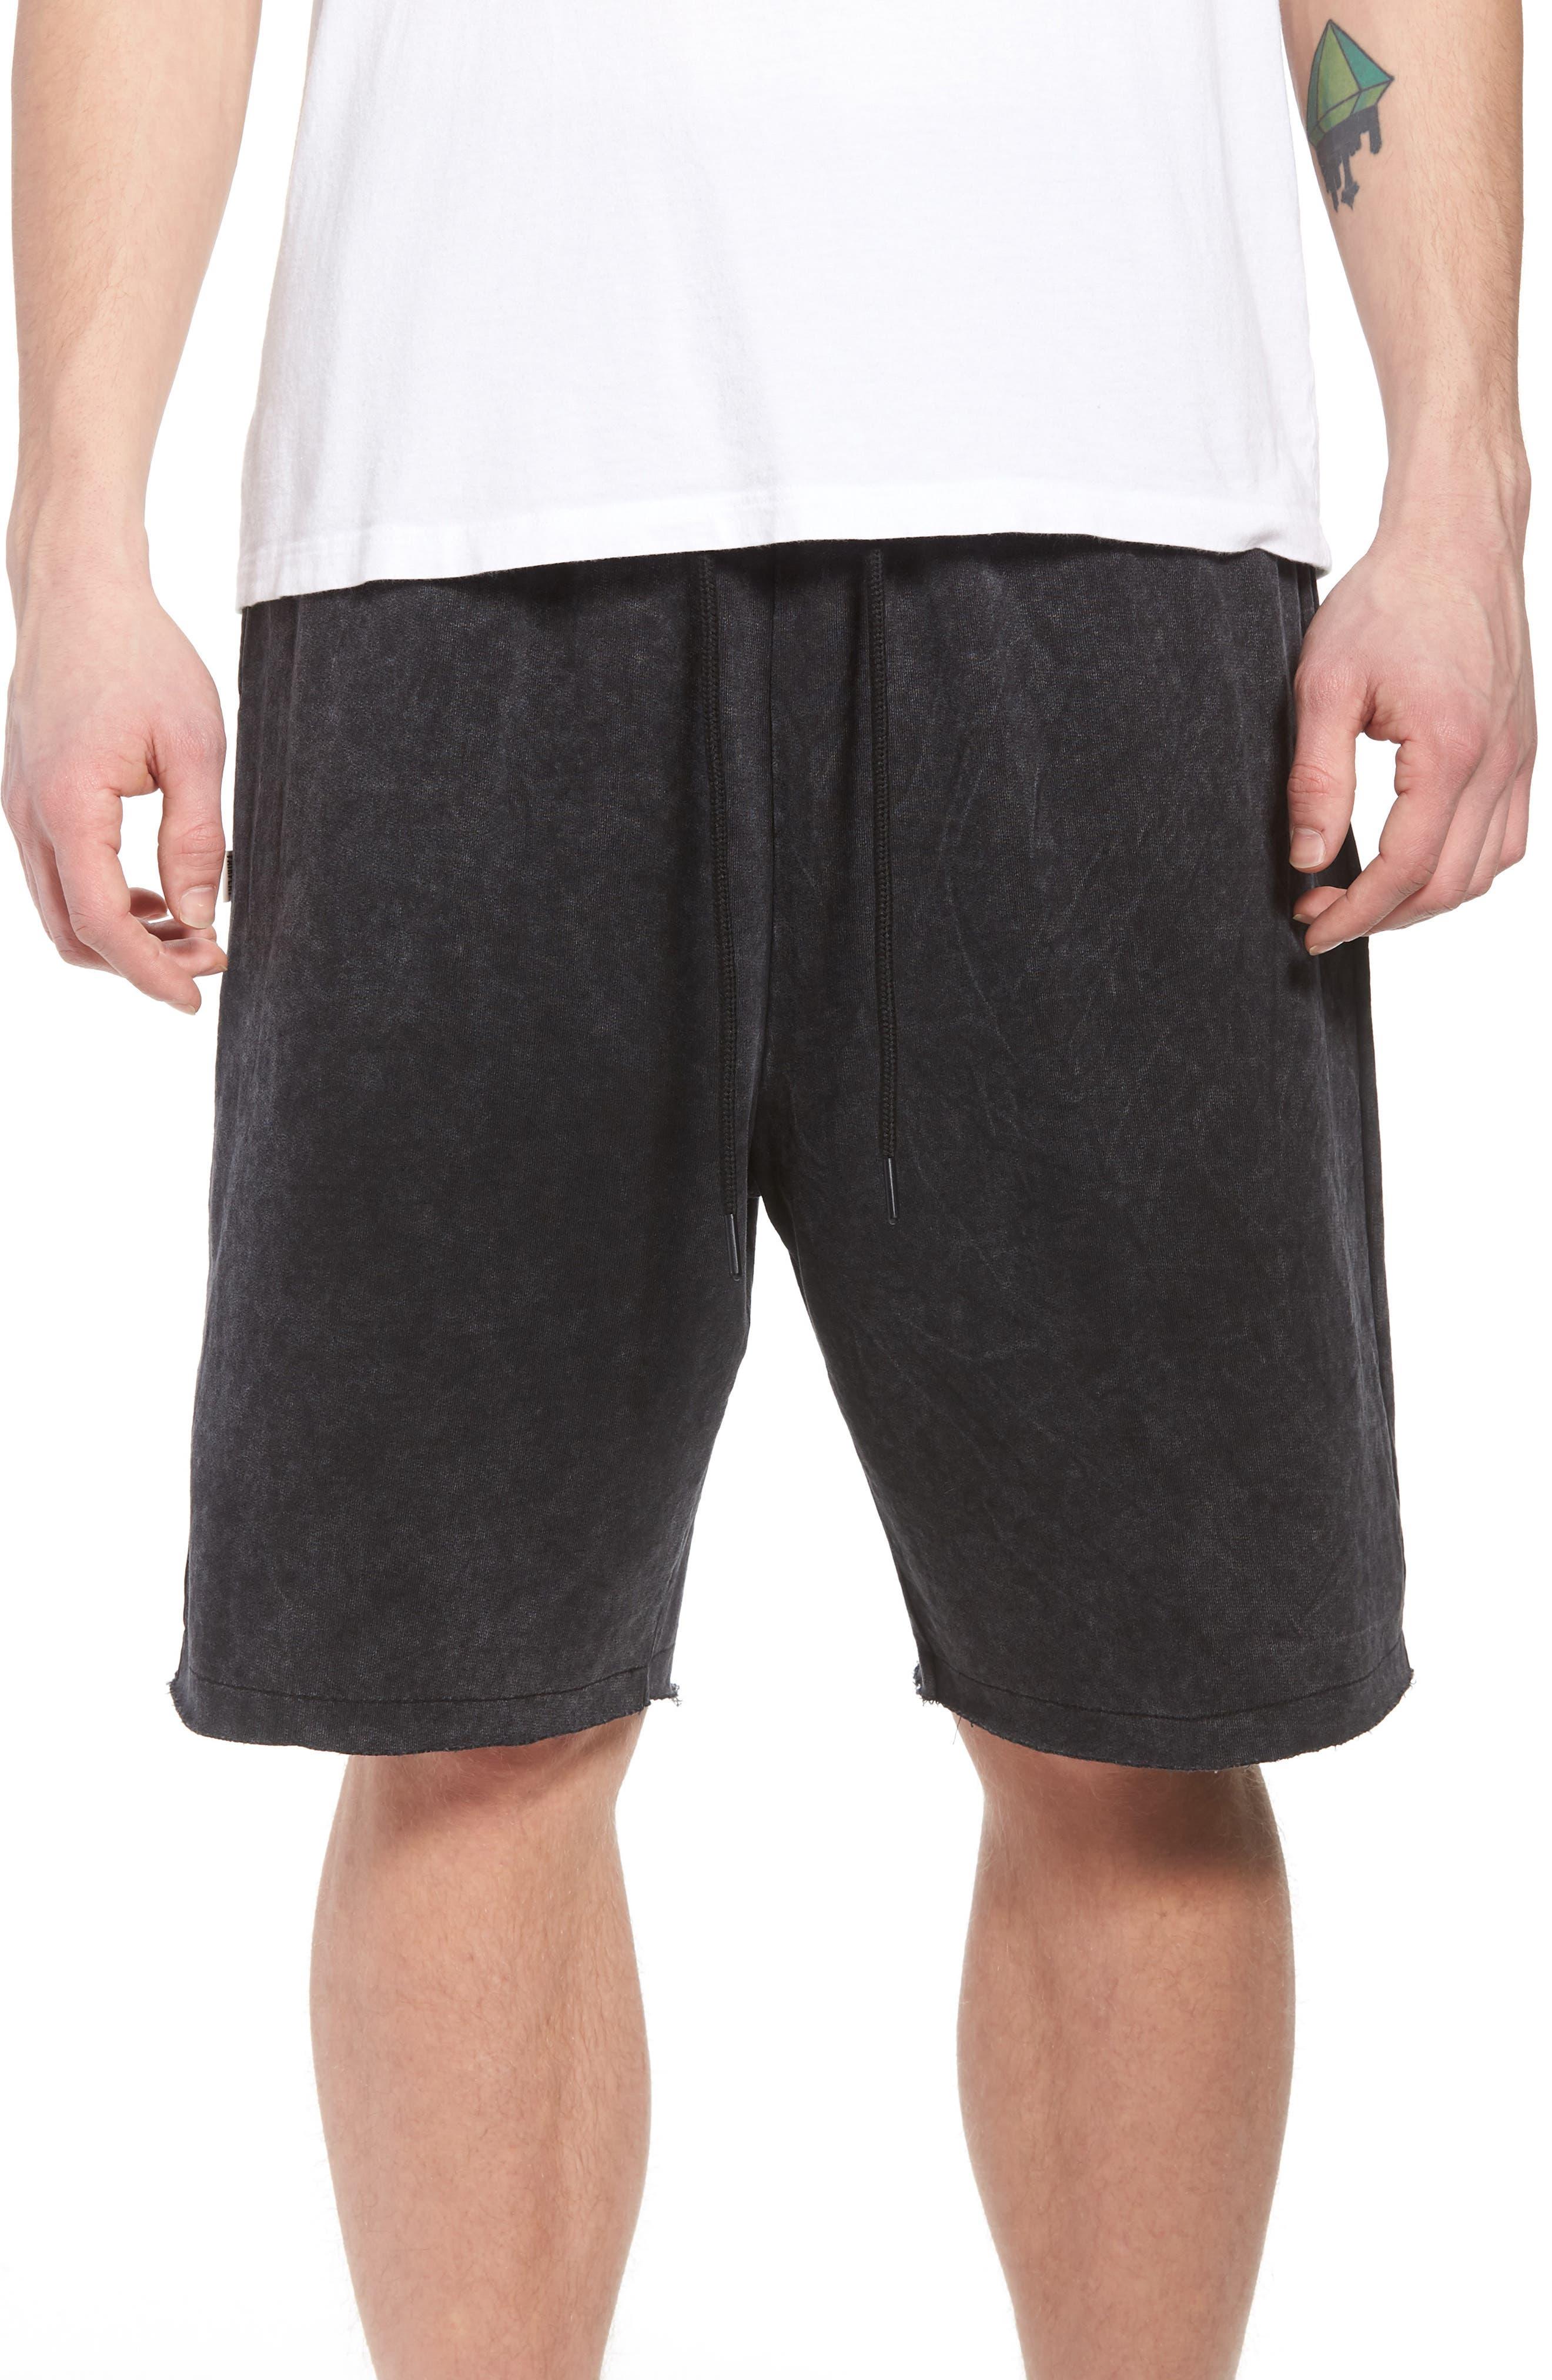 Fairplay Dre Shorts